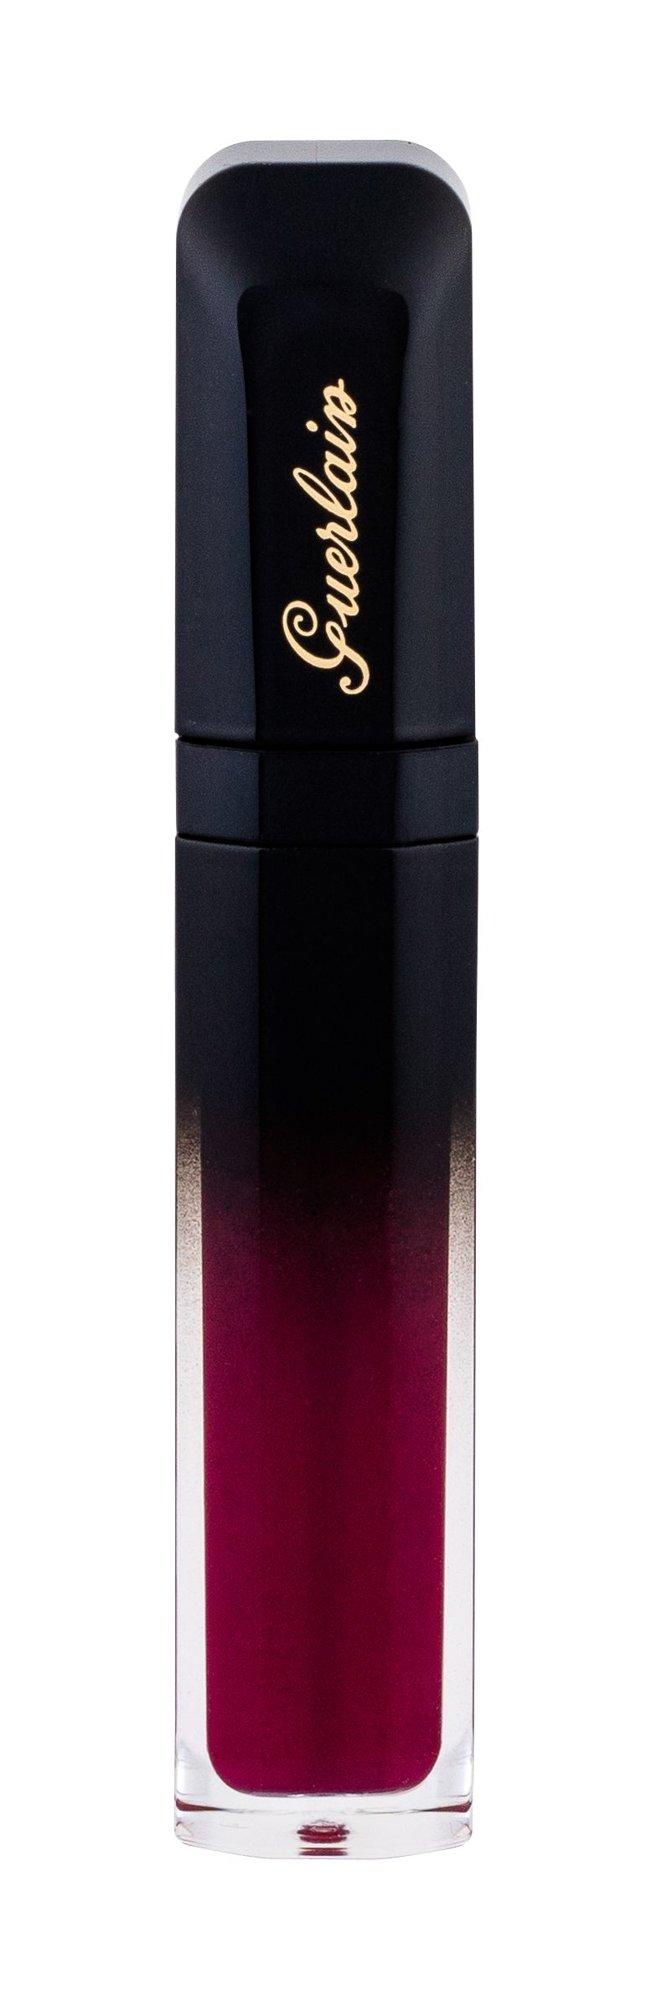 Guerlain Intense Liquid Matte Lipstick 7ml M69 Attractive Plum